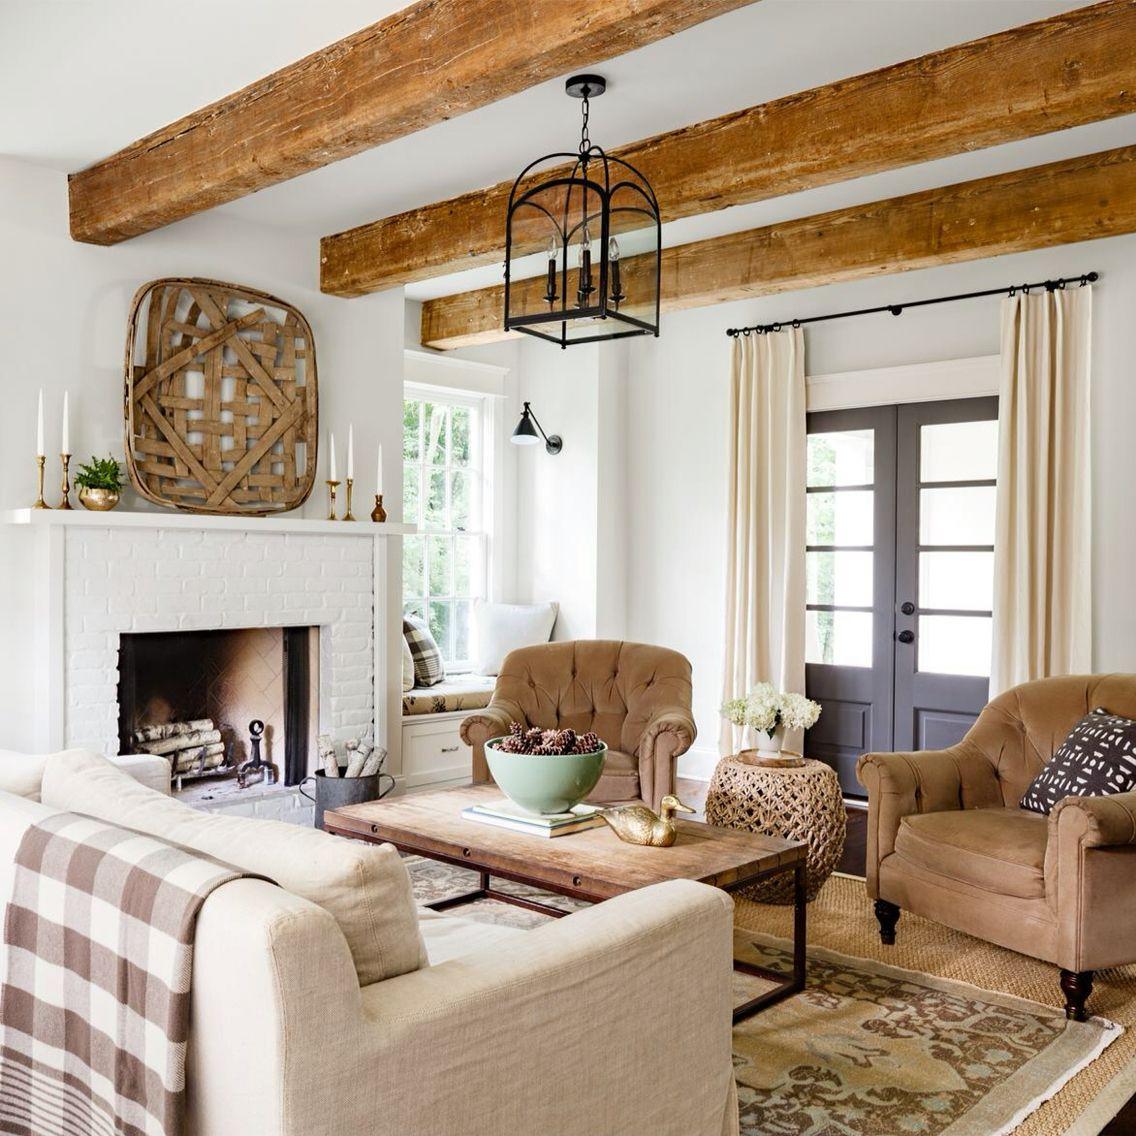 Pretty & rustic & cozy!